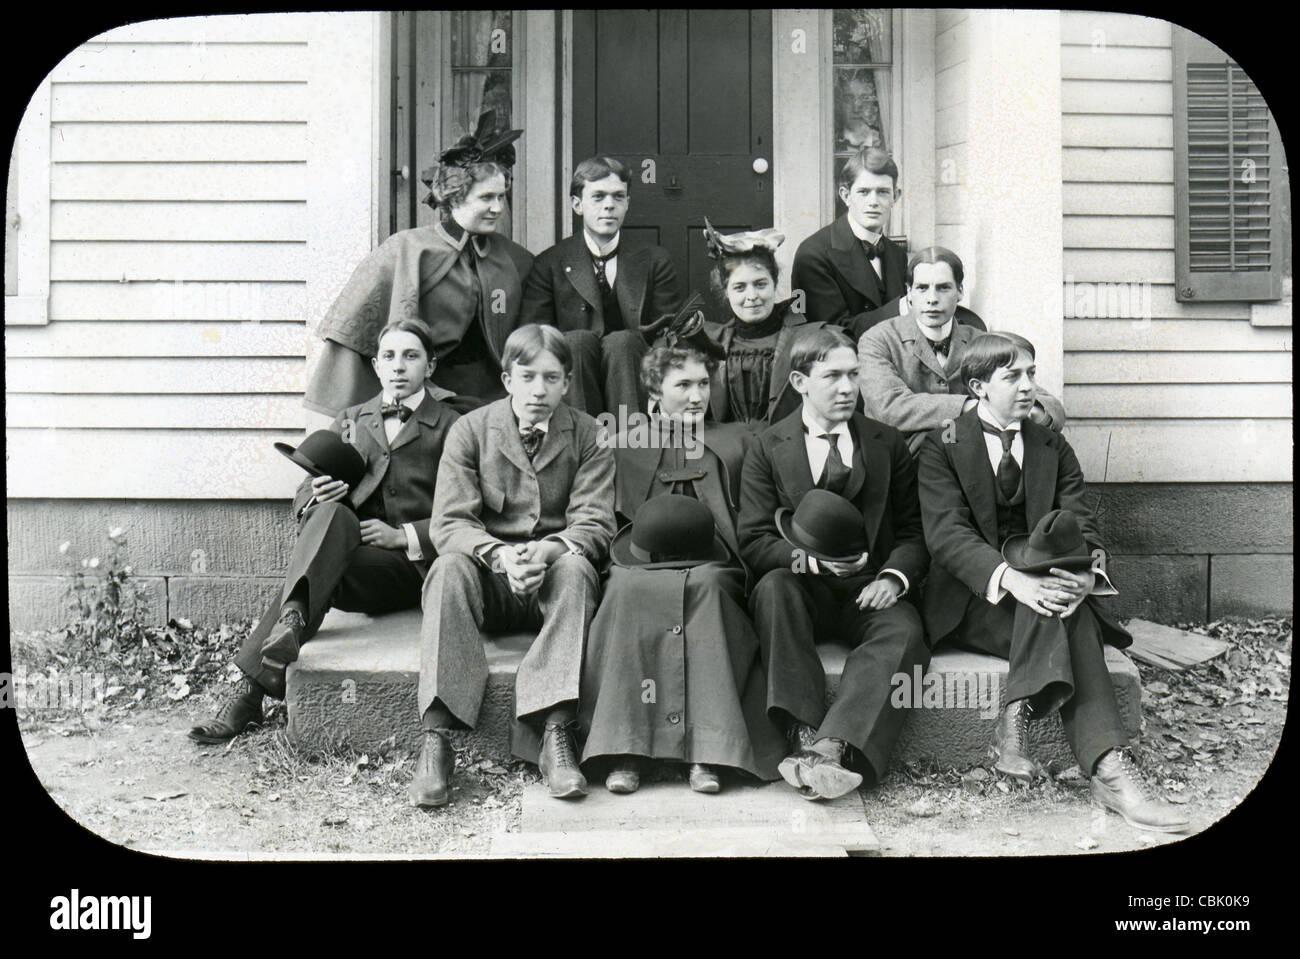 Circa 1900 foto antigua de un grupo de jóvenes, hombres y mujeres. Imagen De Stock